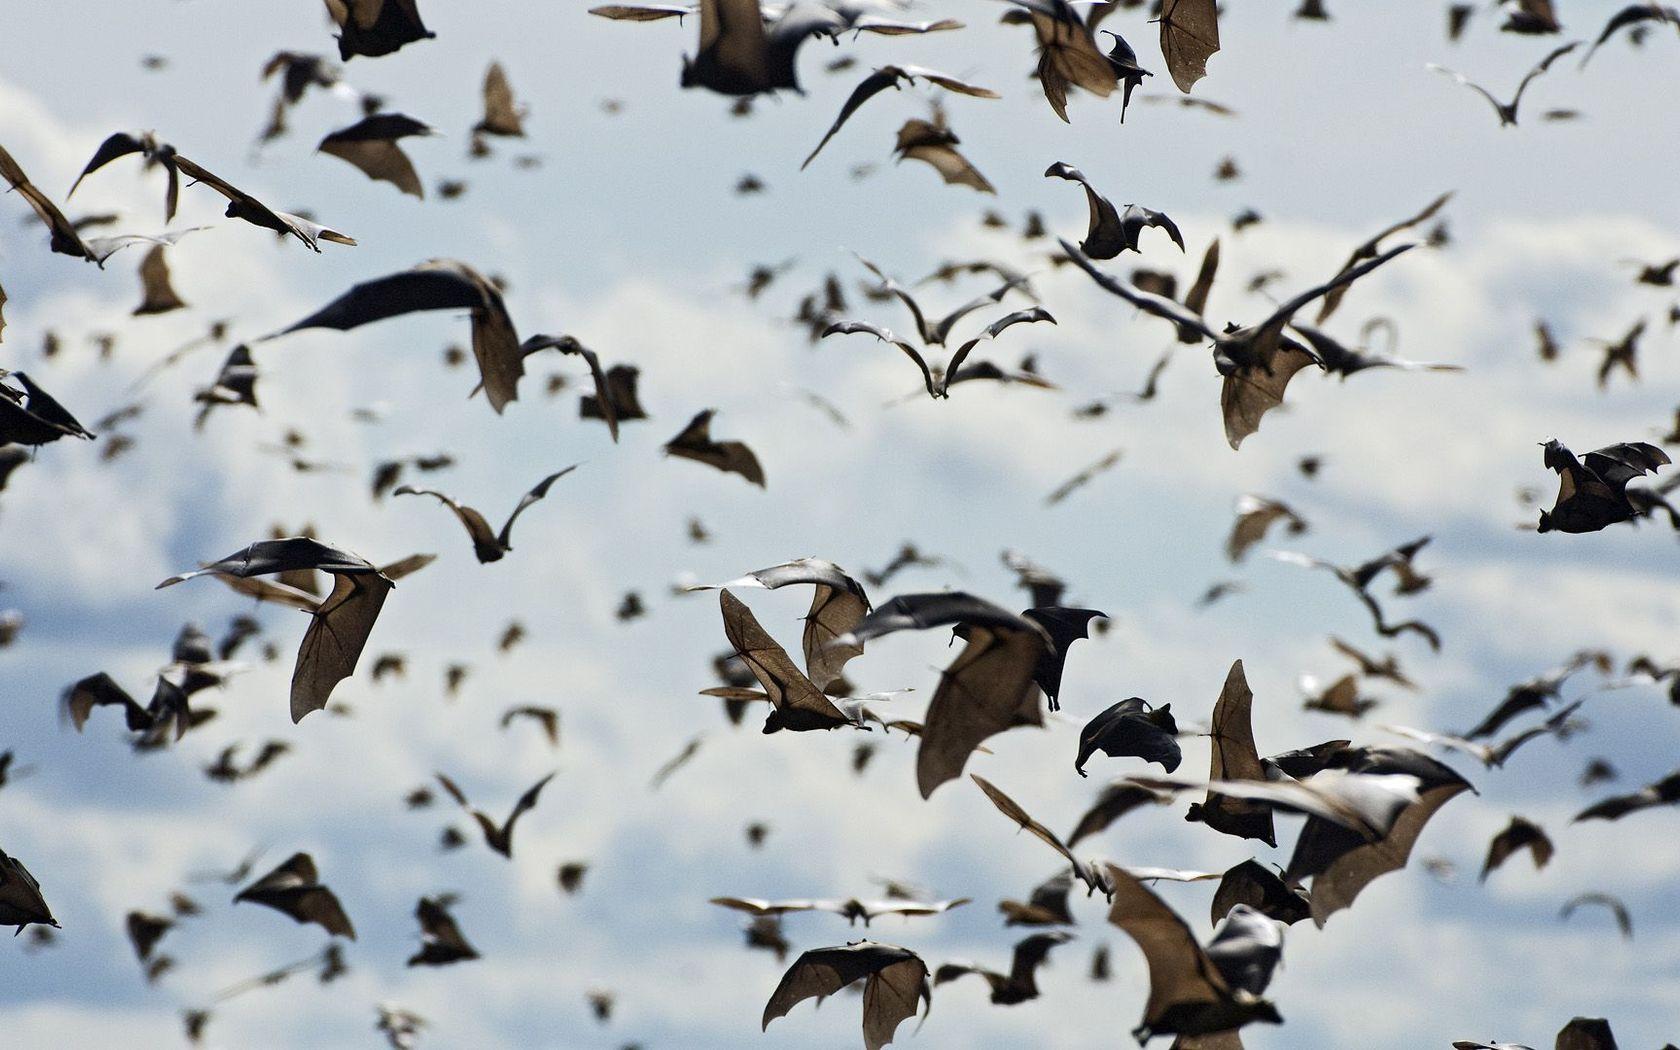 Bats wallpaper 13723 1680x1050